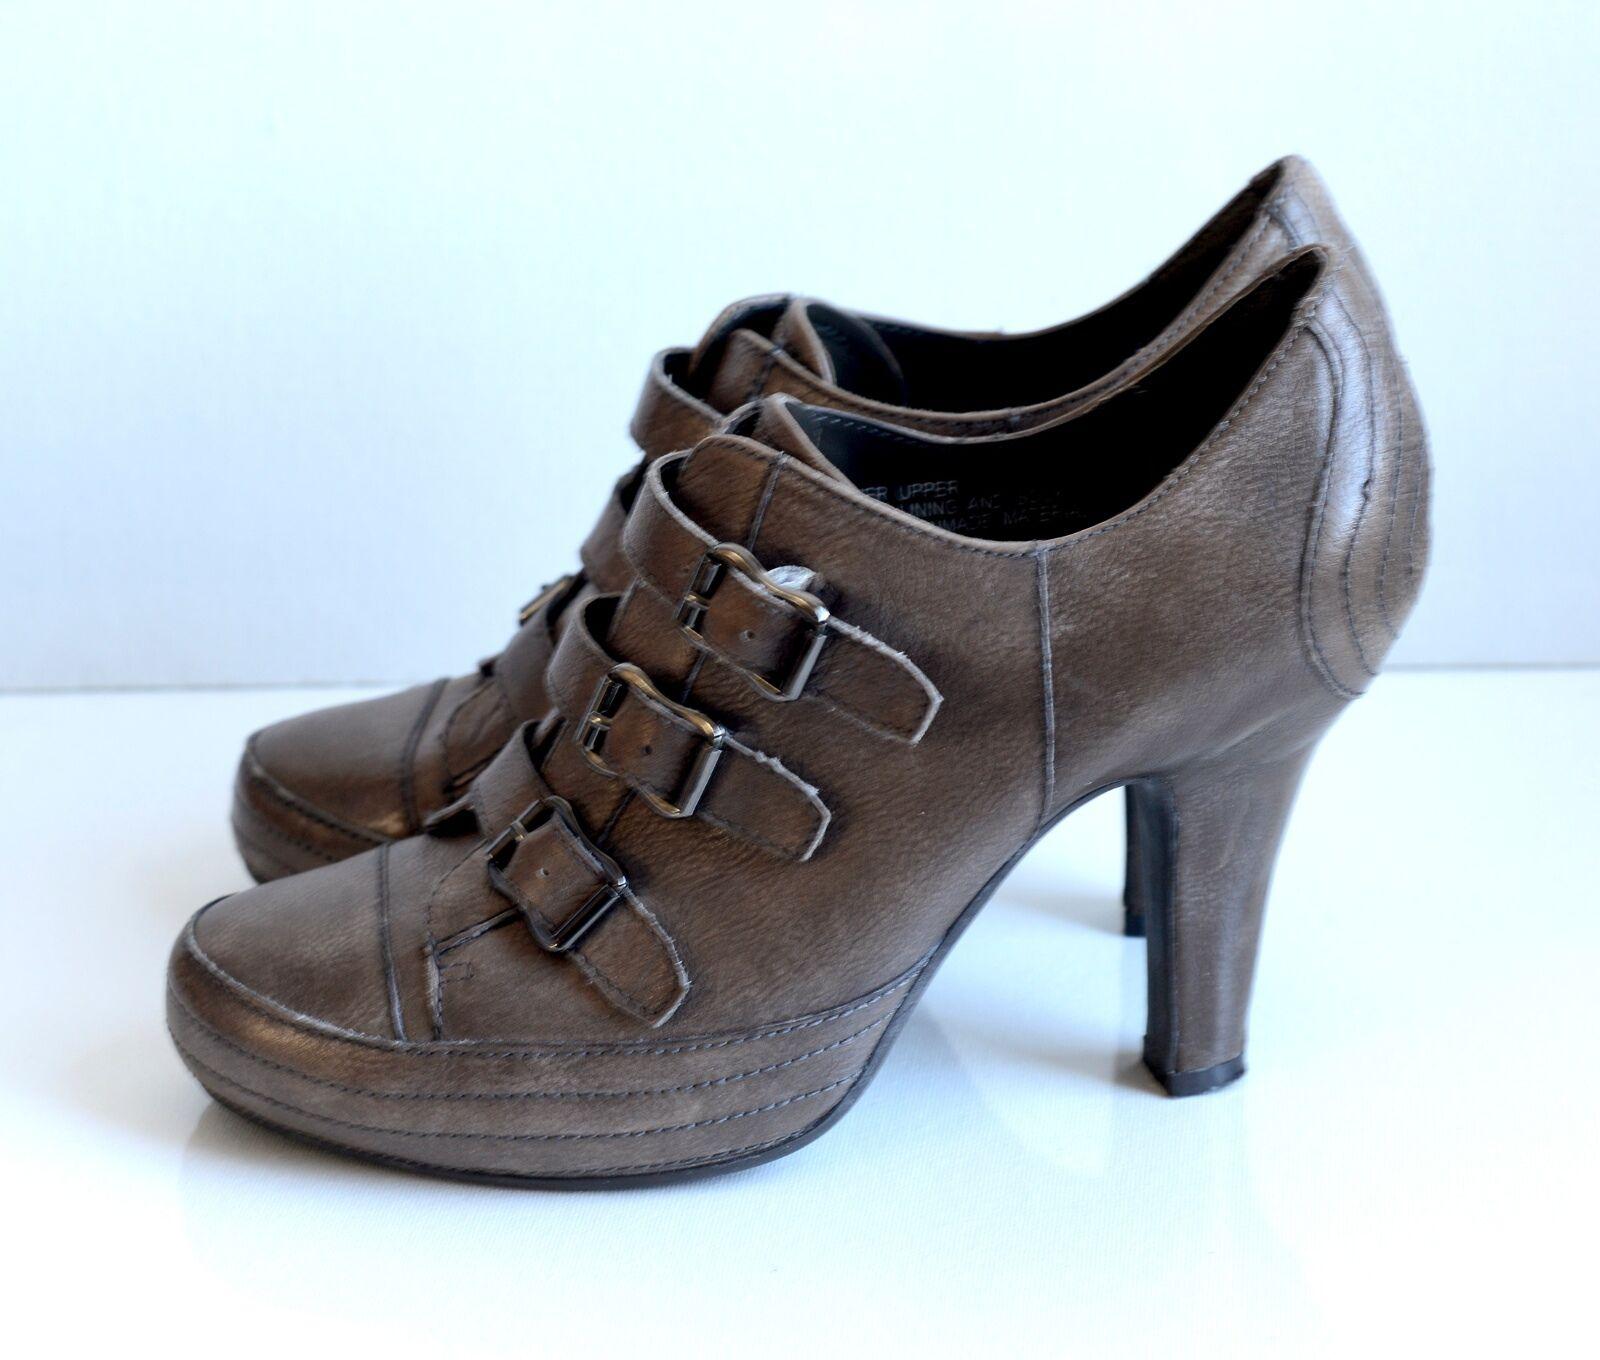 Ash Mujeres De Cuero Marrón Hebilla Tacón Alto Zapatos Botines Zapatos Alto Talla 38 ed5ee0